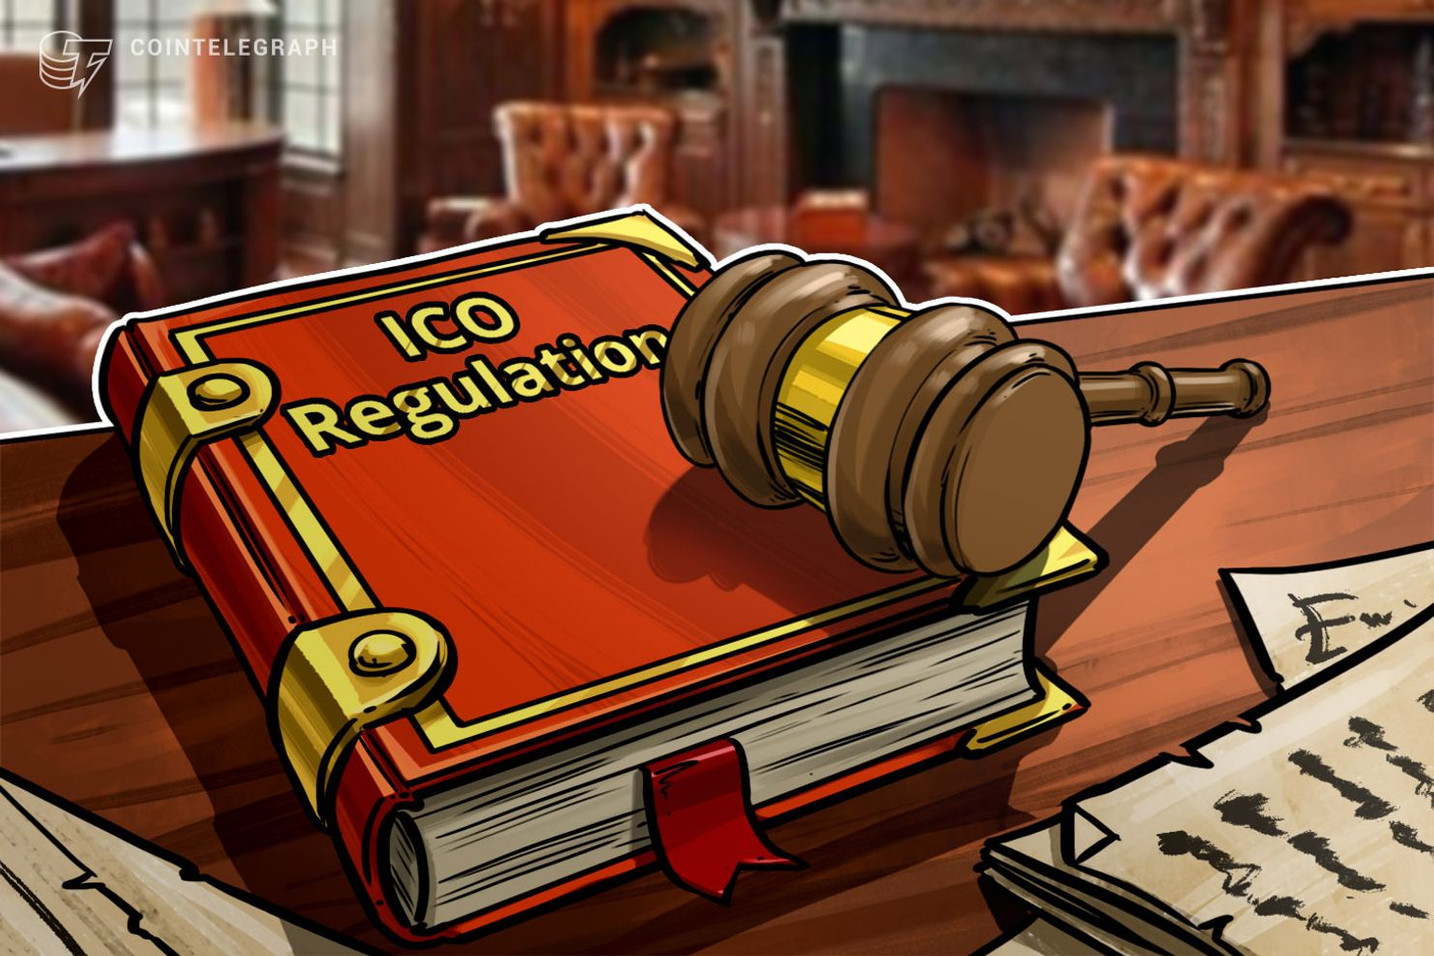 SEC幹部 「もっと本質的な」ICO取り締まりを 仮想通貨に一定の理解も